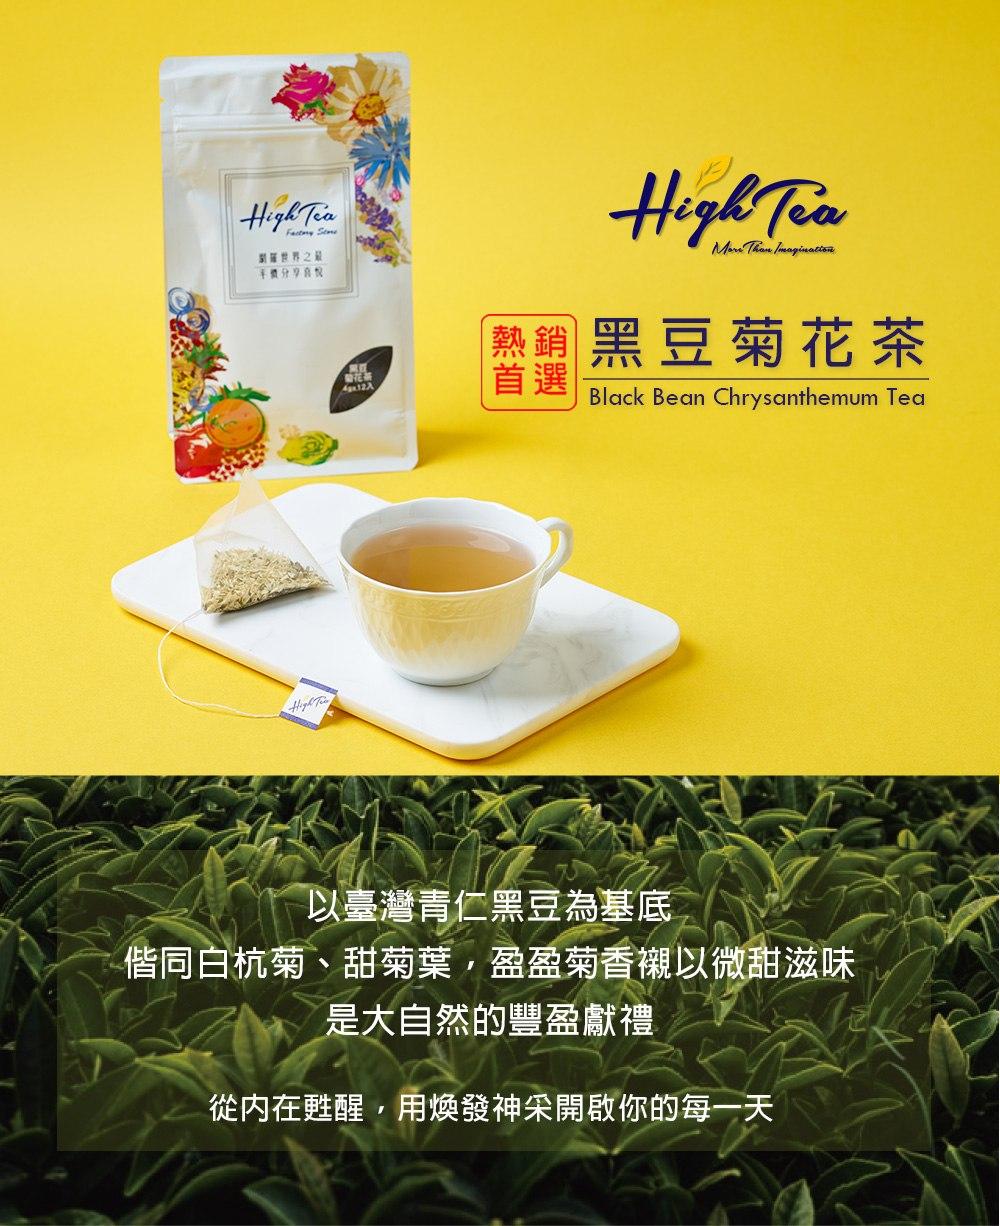 黑豆菊花茶,以臺灣青仁黑豆為基底,佐以桂花、紅棗,淡雅花香加上一縷清甜,清新一如晨曦裡的花園。城市再陰鬱,都要綻放最鮮妍的好氣色。